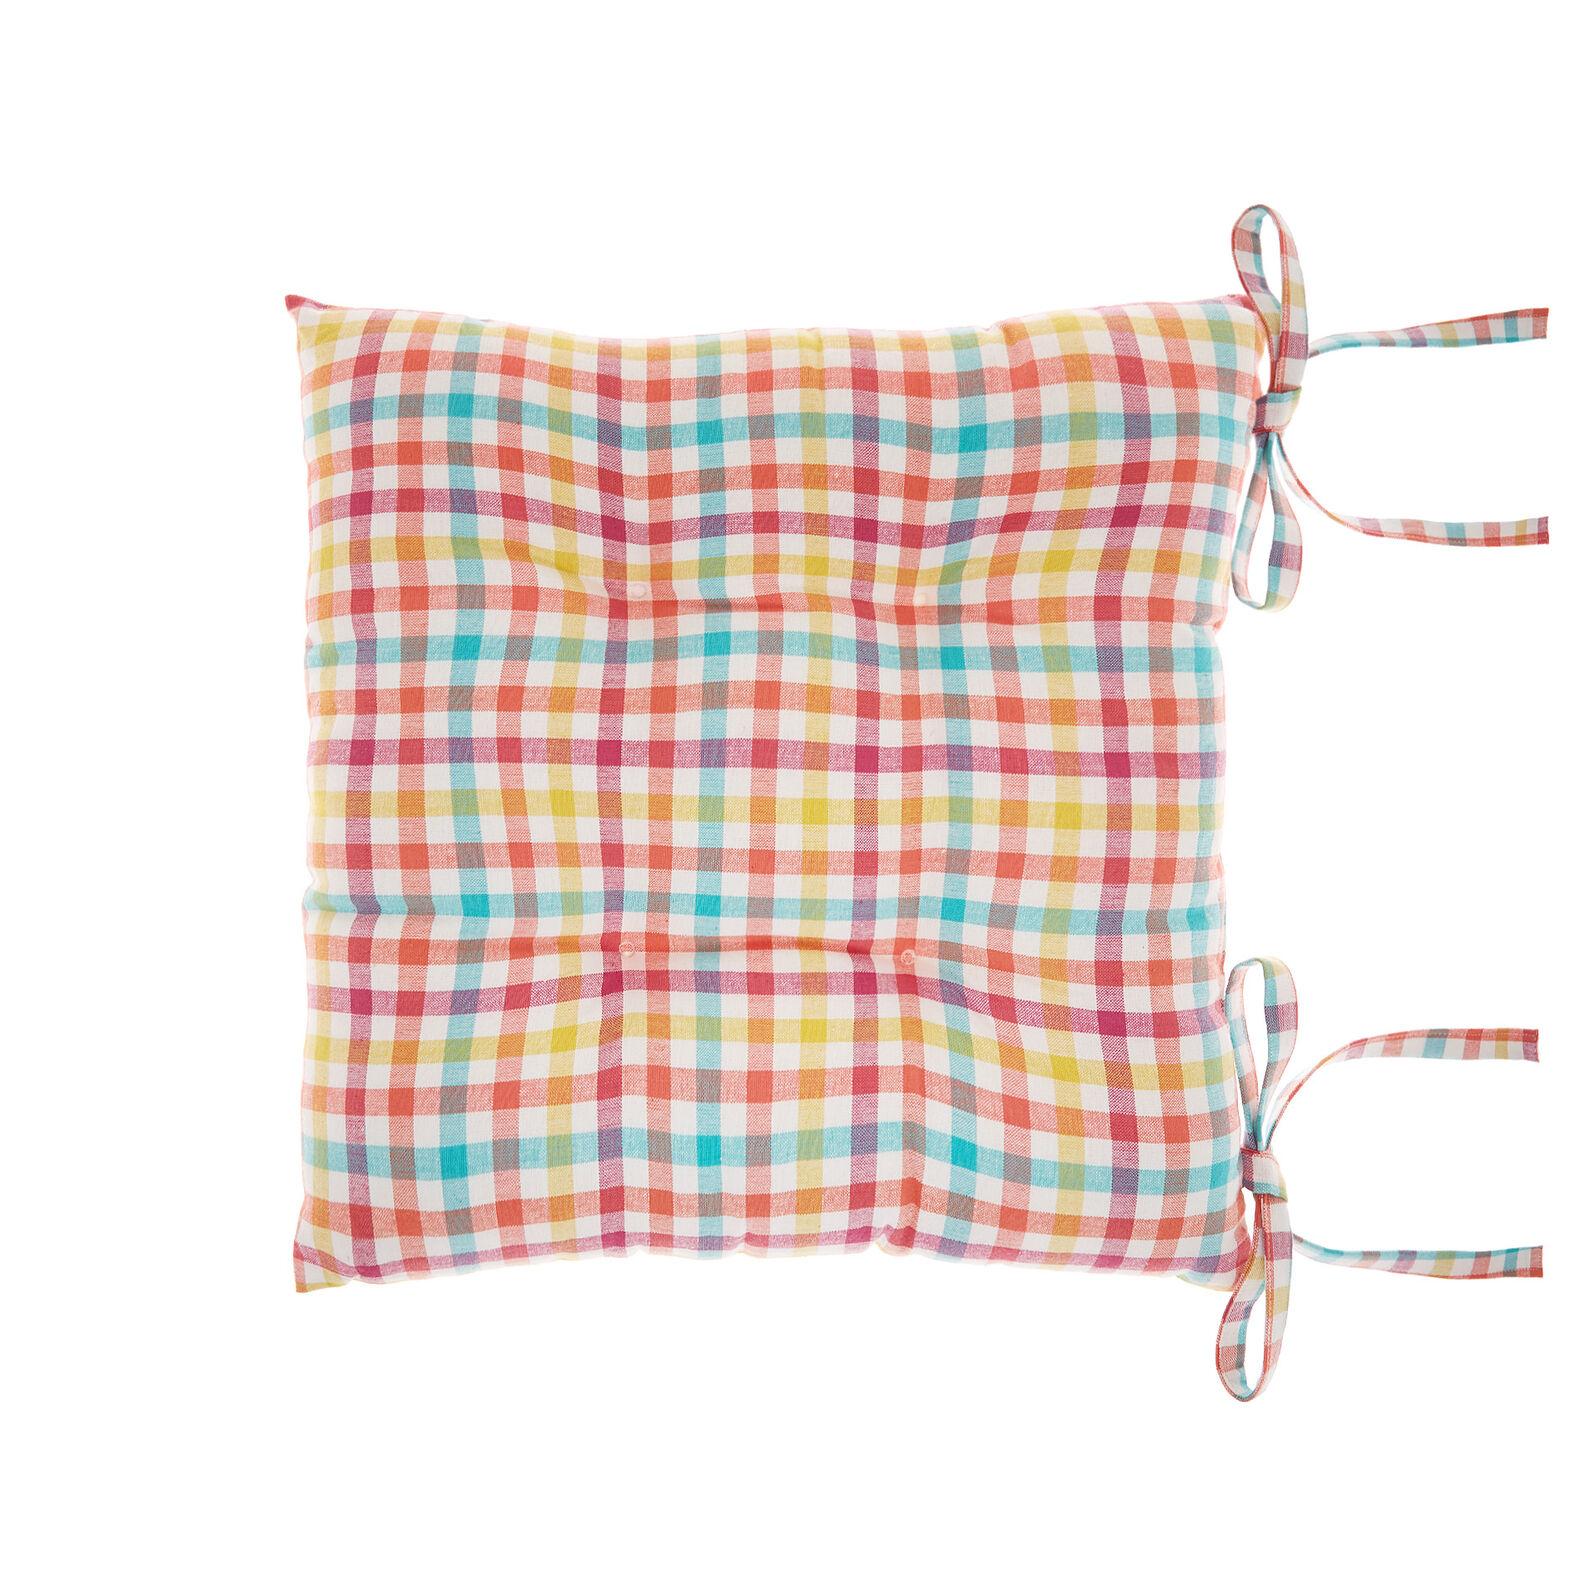 100% cotton check seat pad